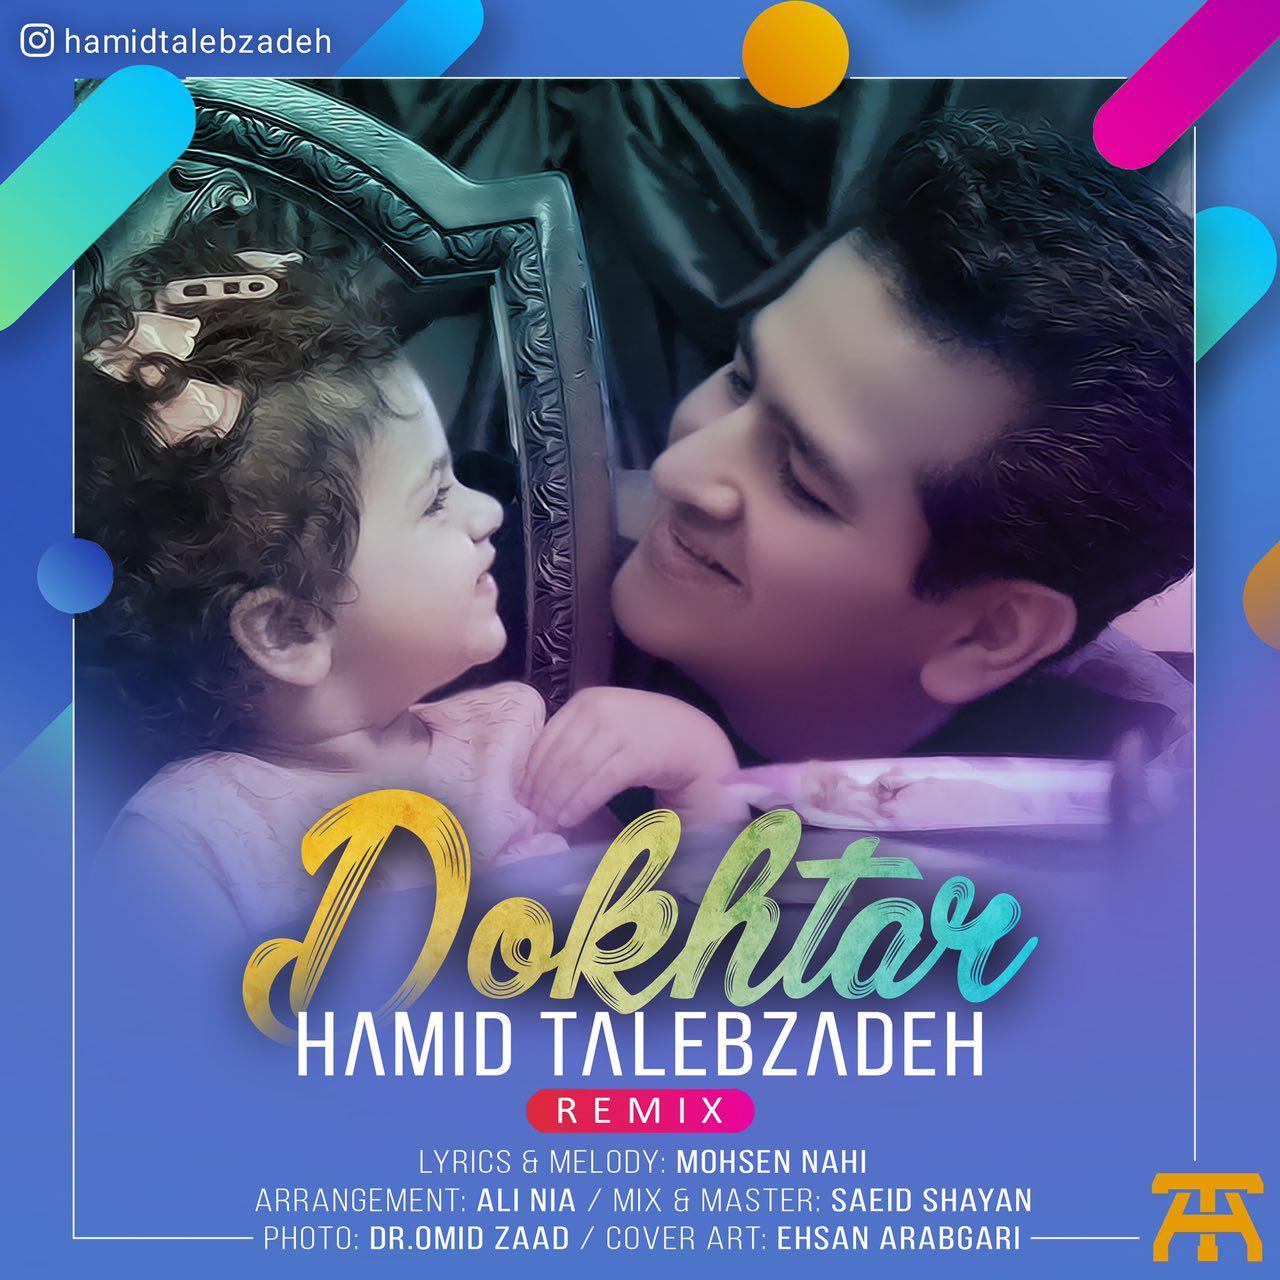 http://www.ganja2music.com/Image/Post/2.2018/Hamid%20Talebzadeh%20-%20Dokhtar%20(Remix).jpg